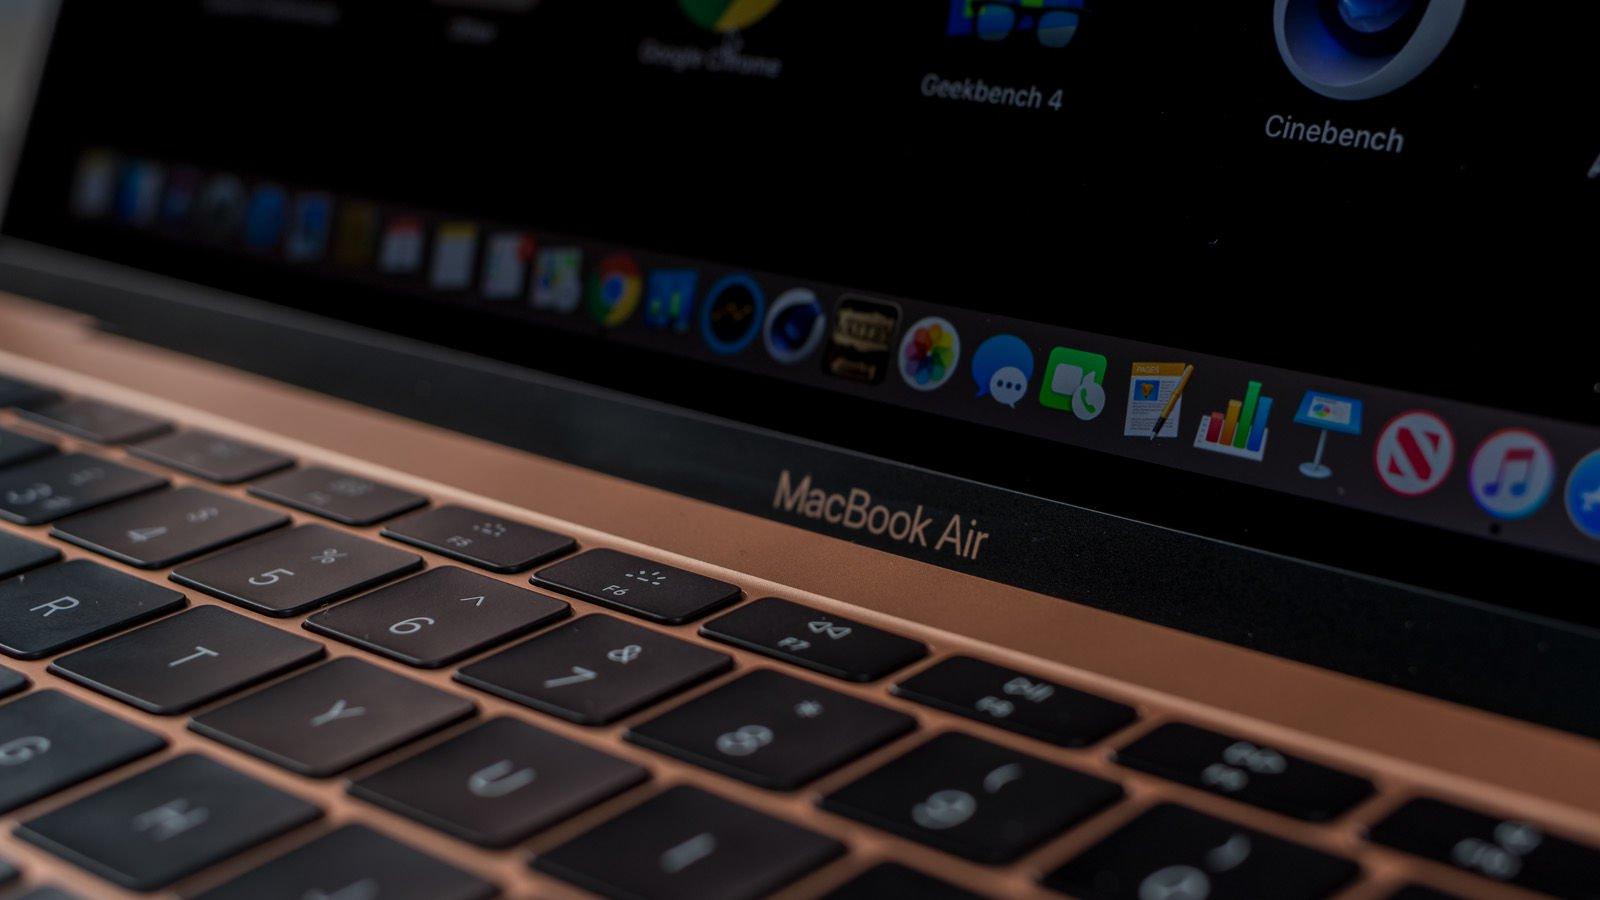 MacBook Air 2019 screen